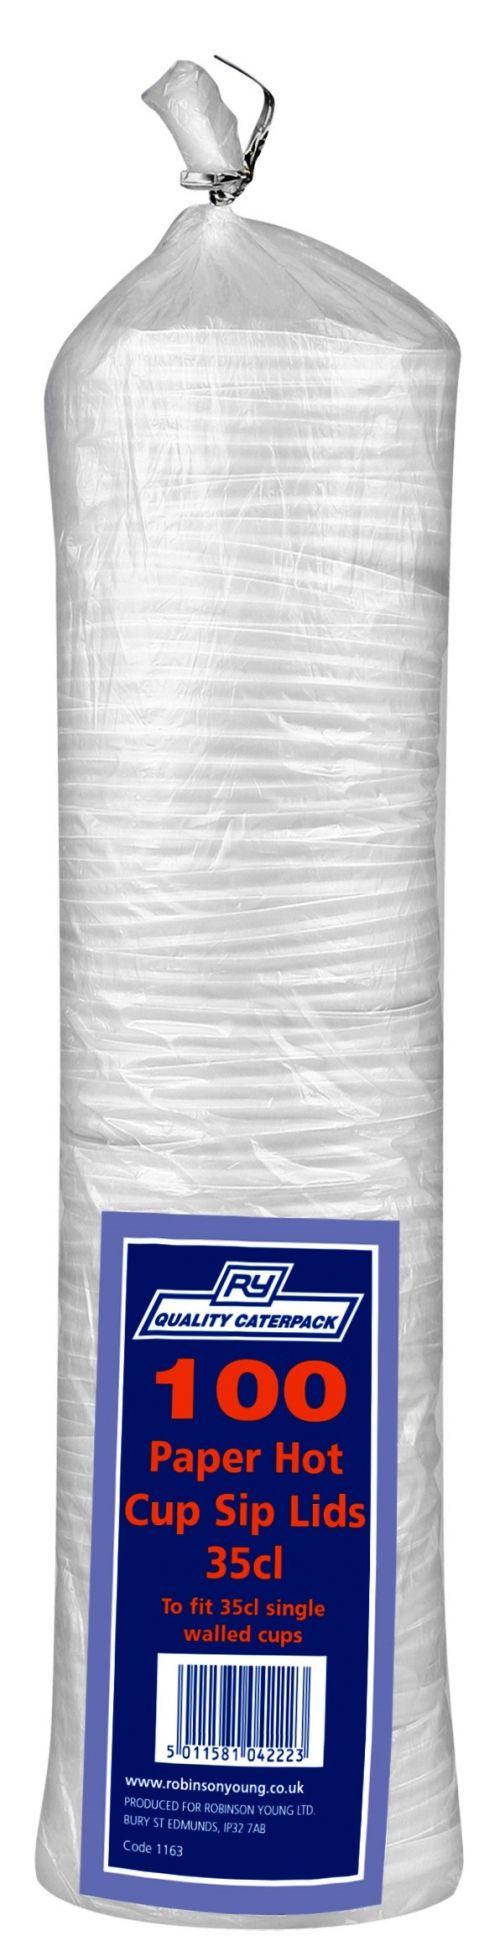 Caterpack Paper Cup Sip Lids 12oz (35cl) PK100